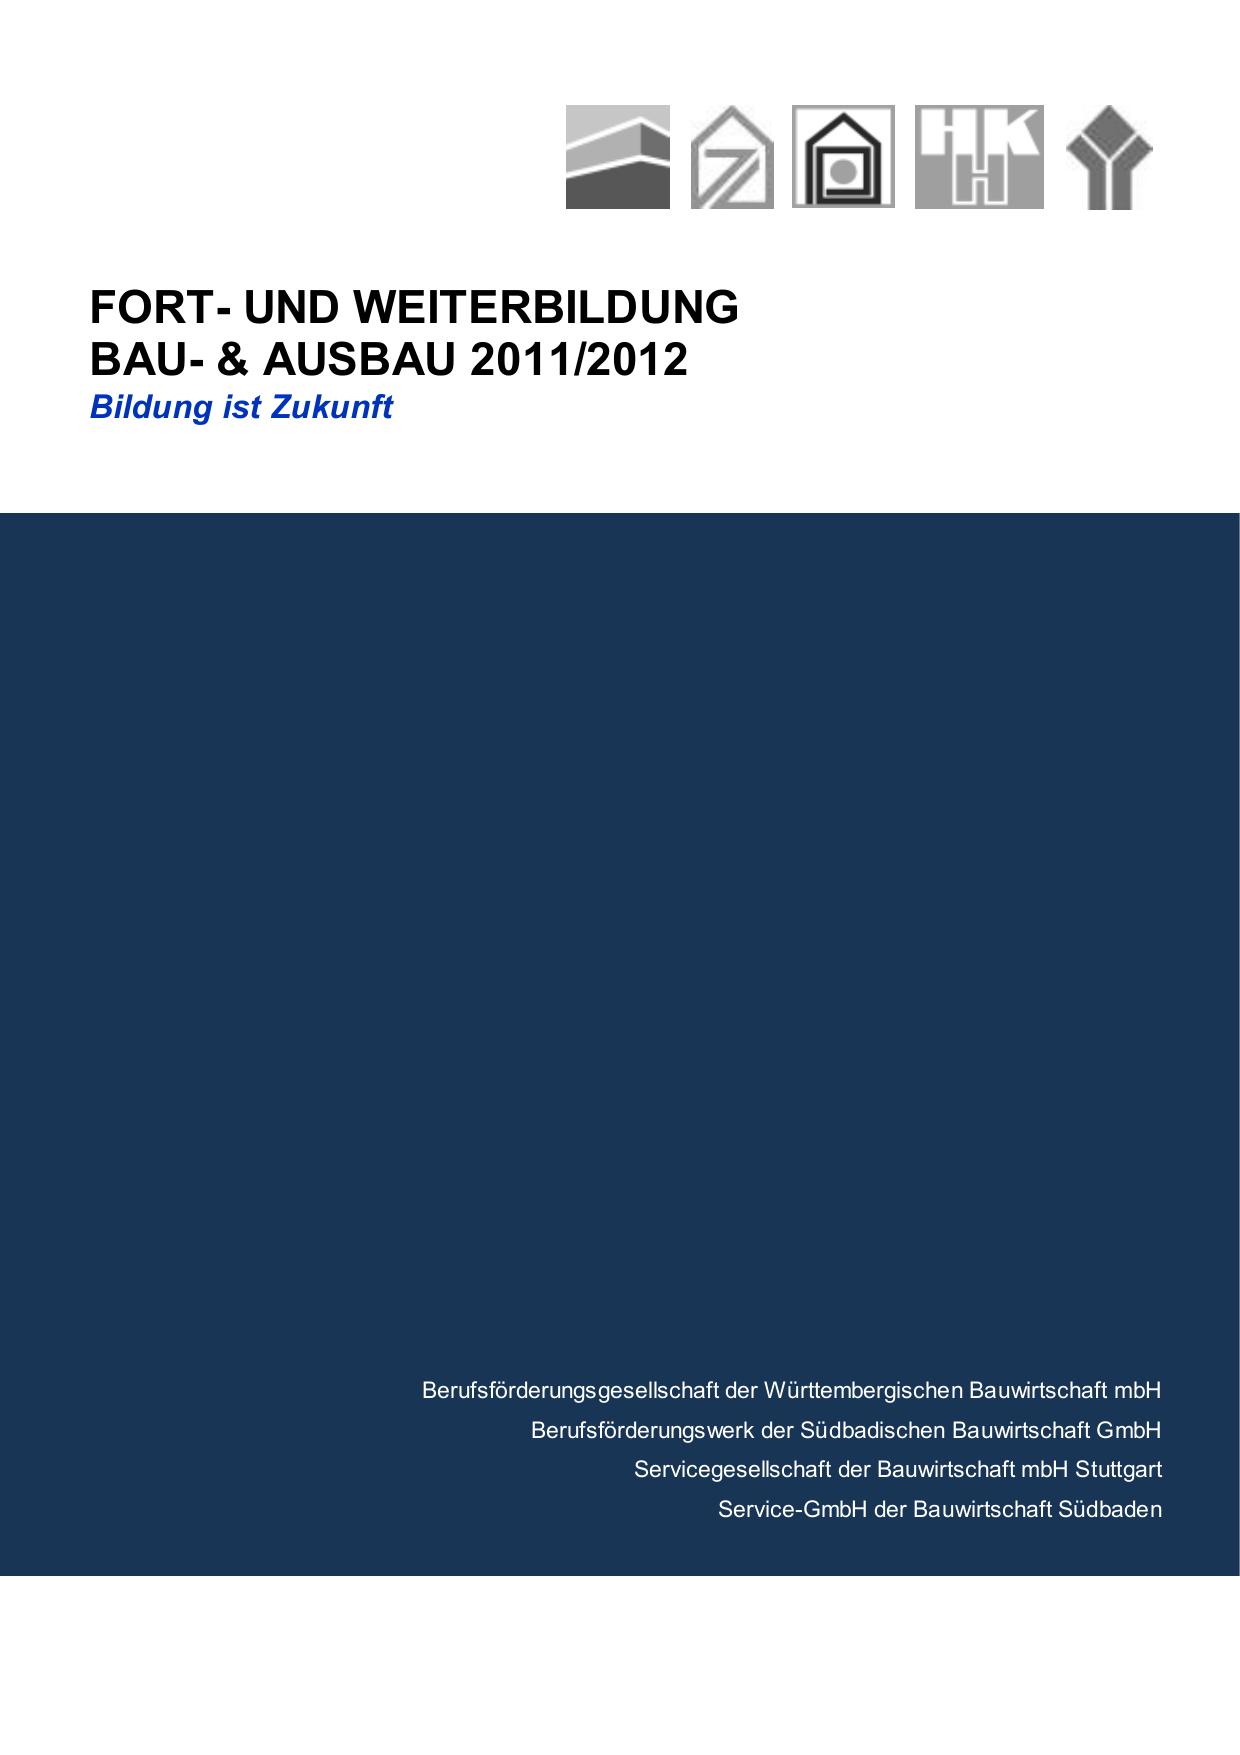 2012 - Berufsförderungswerk der Südbadischen Bauwirtschaft ...